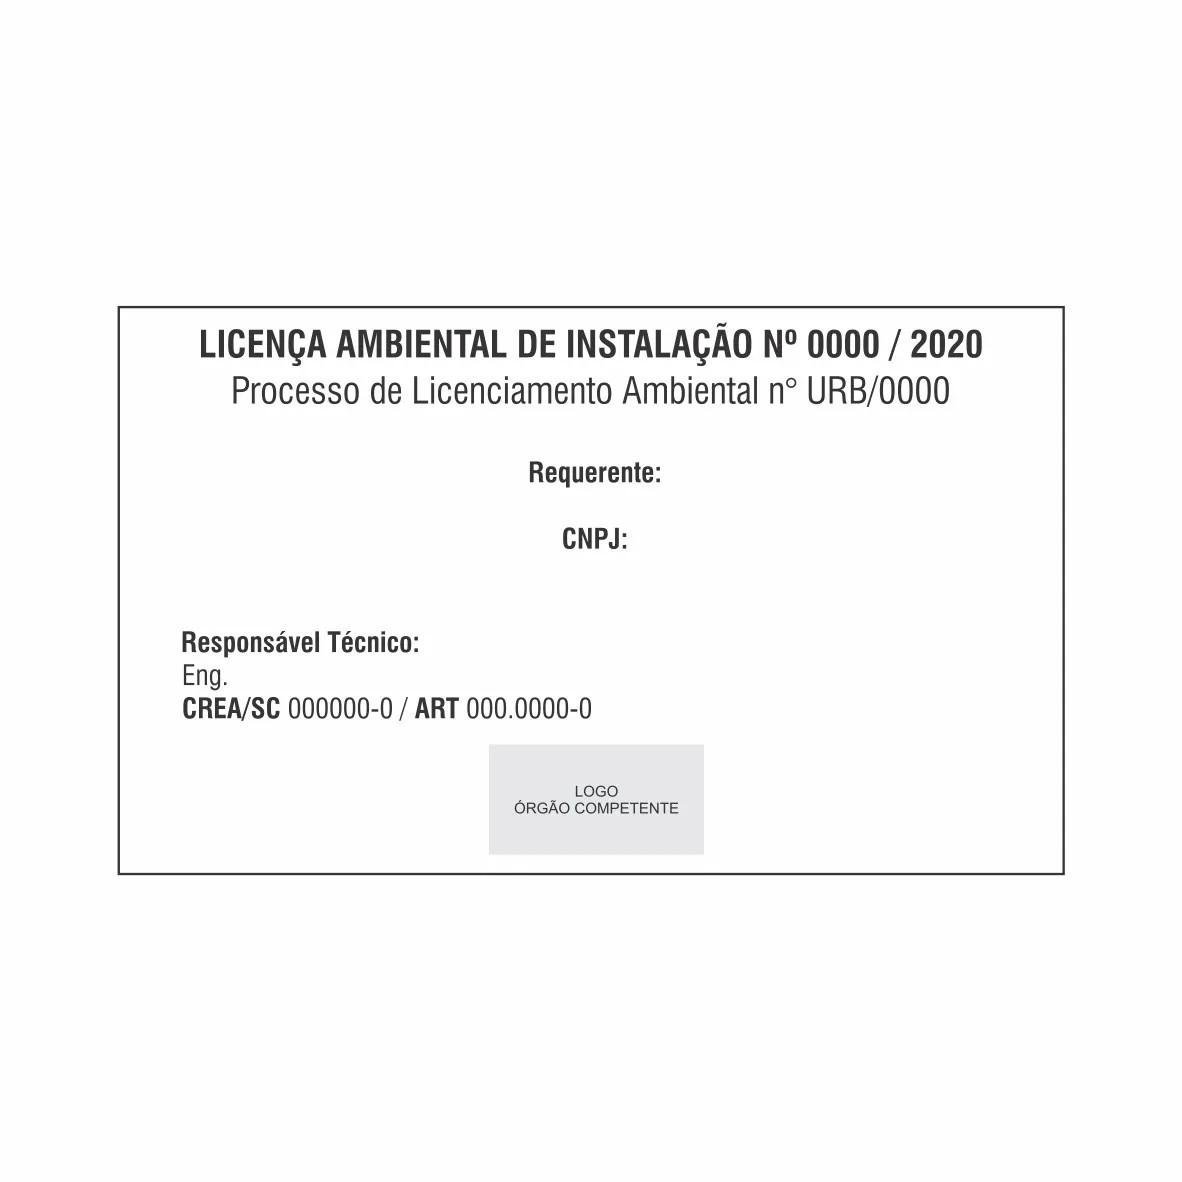 Placa Licença ambiental de instalação - LAI  - Towbar Sinalização de Segurança